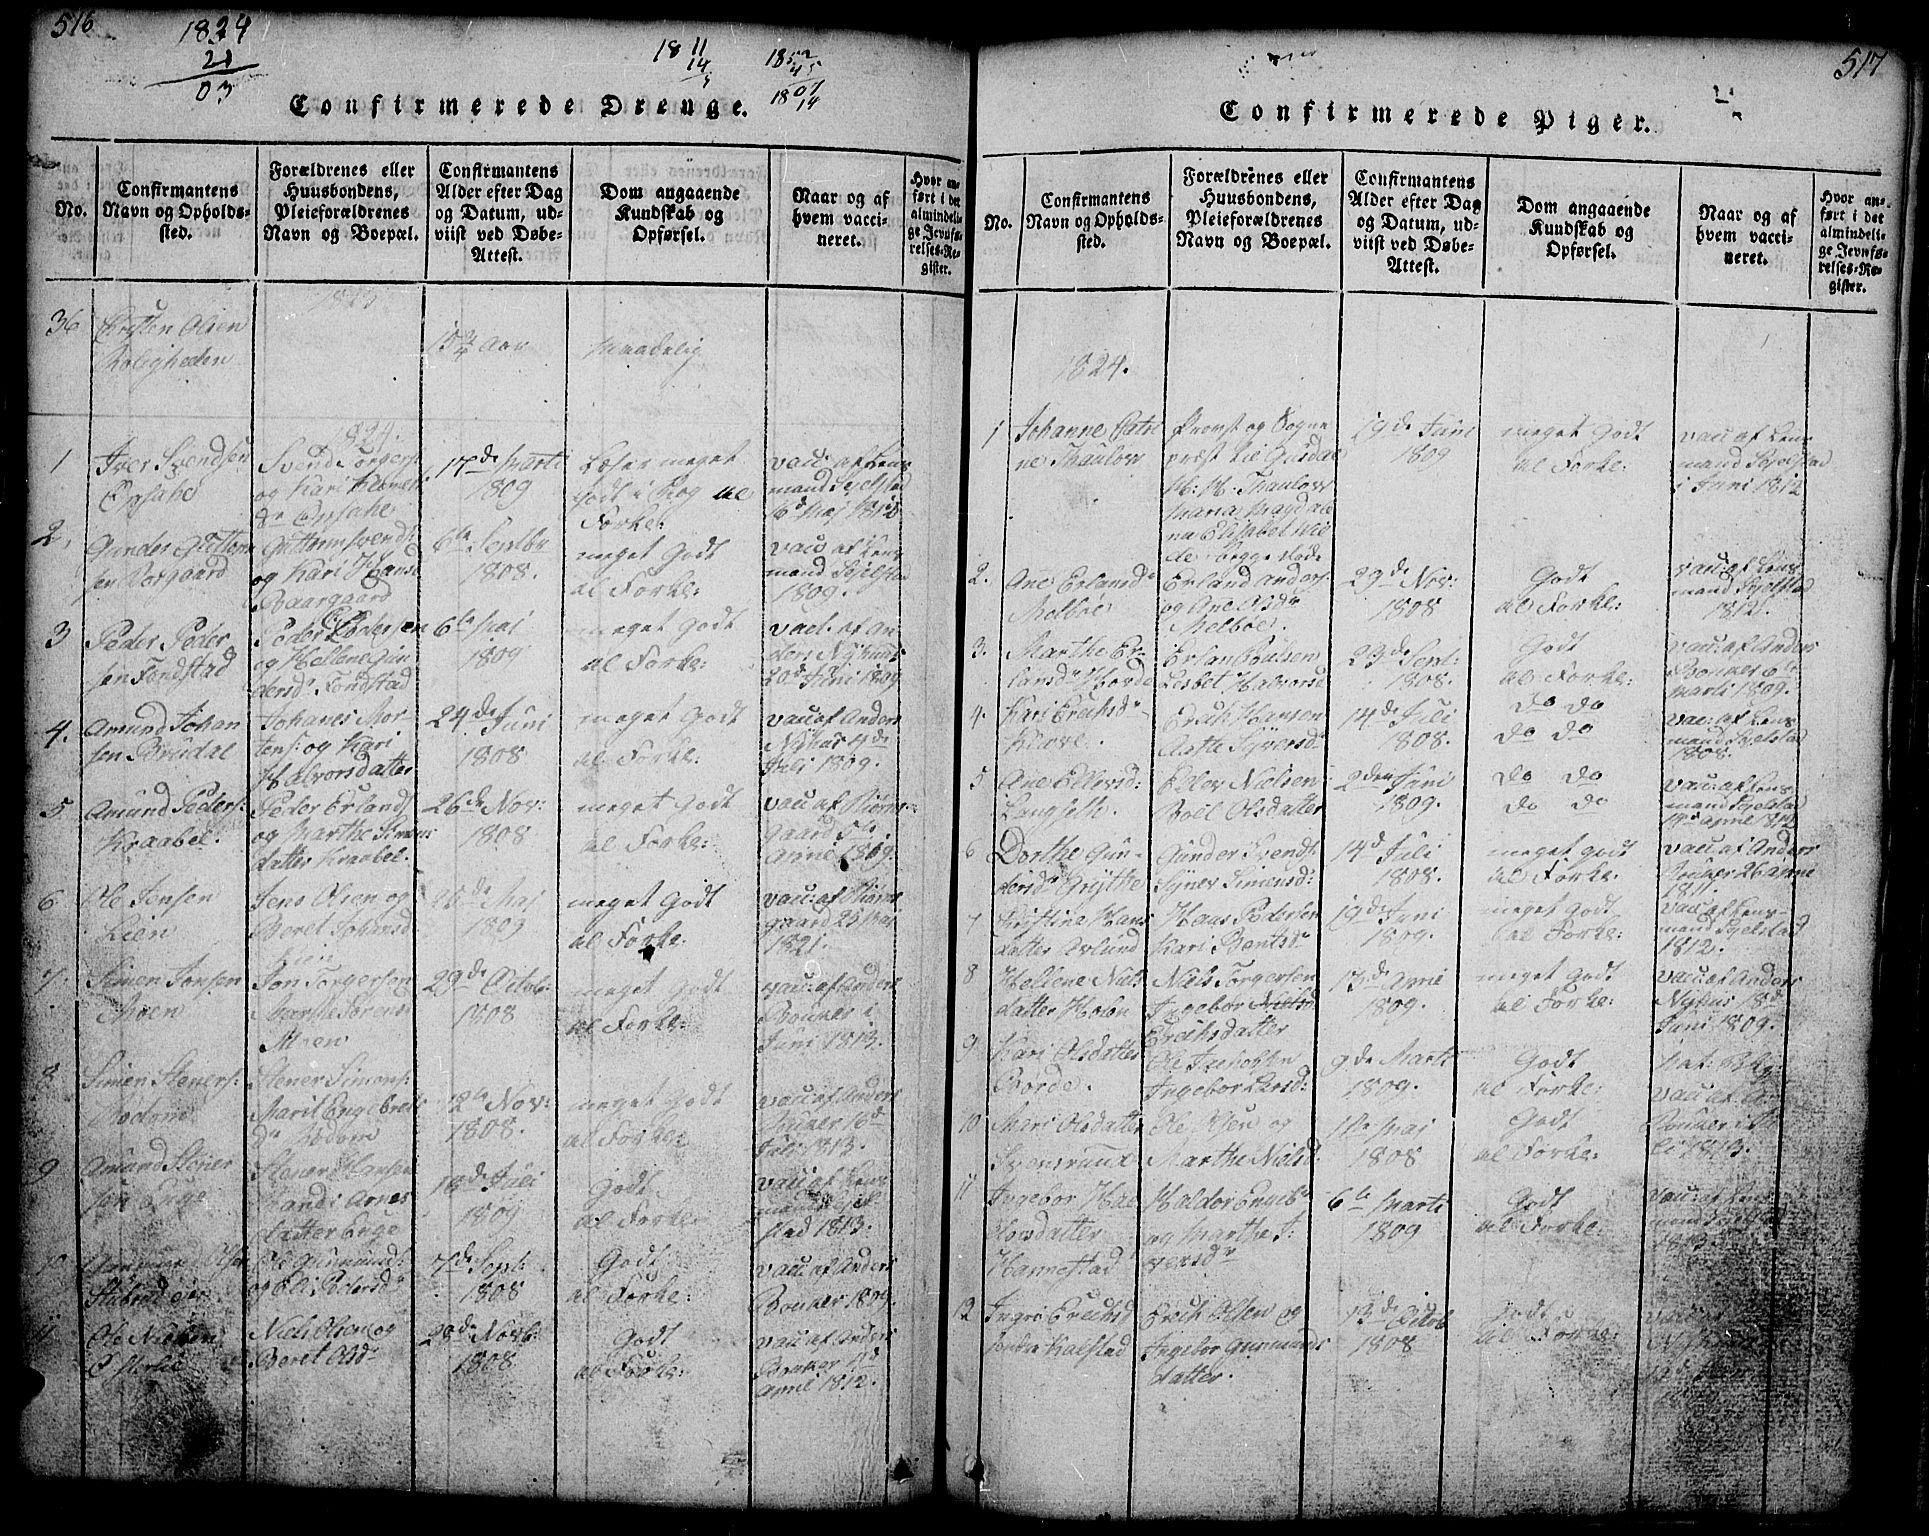 SAH, Gausdal prestekontor, Klokkerbok nr. 1, 1817-1848, s. 516-517